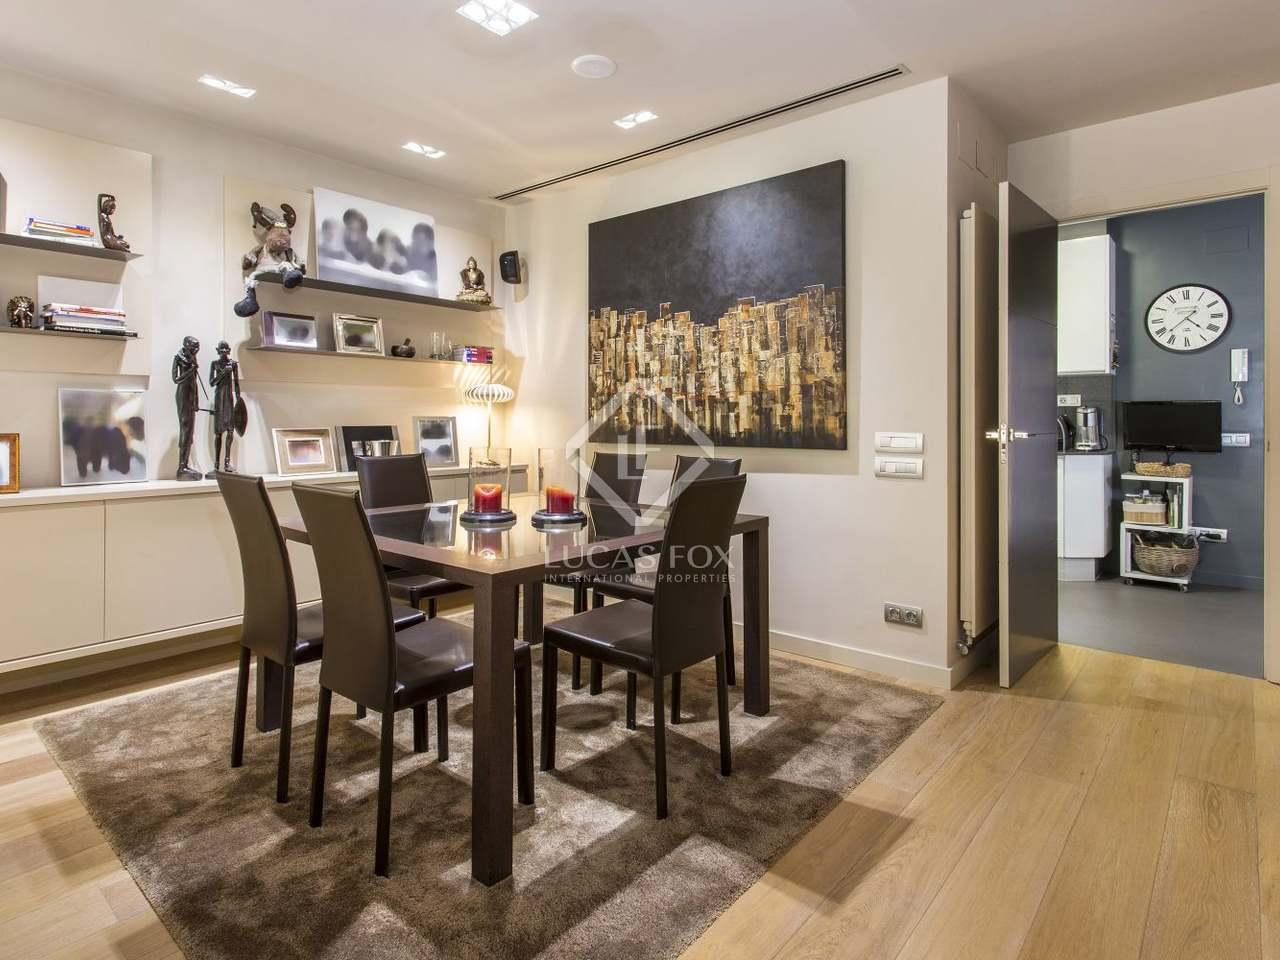 Casa adosada de 200m en venta en el putxet barcelona - Zona alta barcelona ...